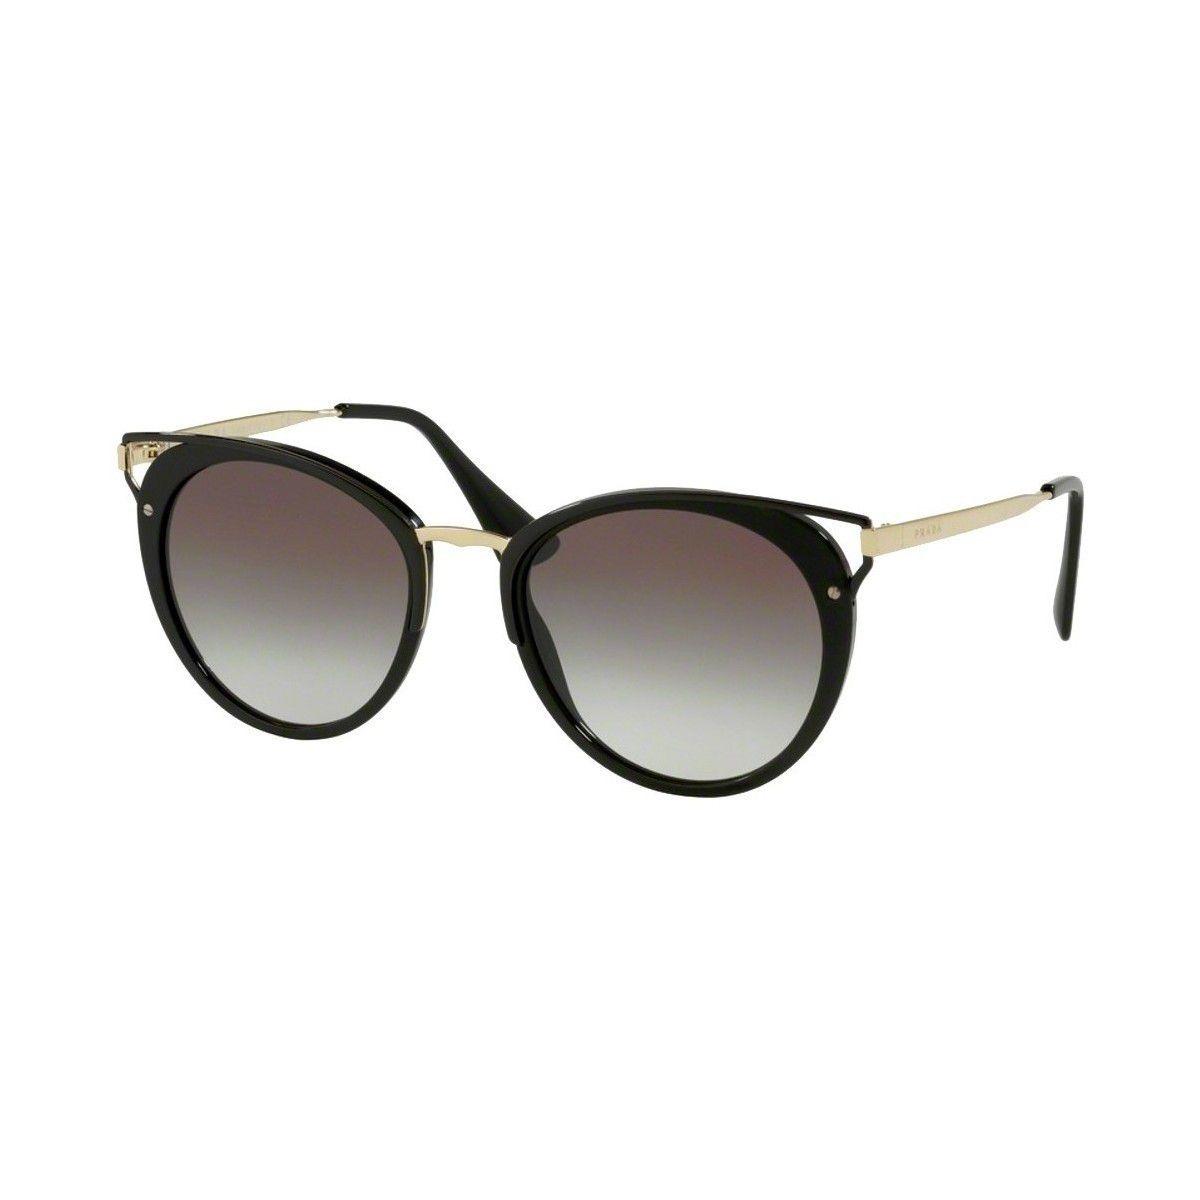 6958ce42d295e Óculos De Sol Prada Feminino Spr66t 1ab-0a7 - R  879,00 em Mercado Livre